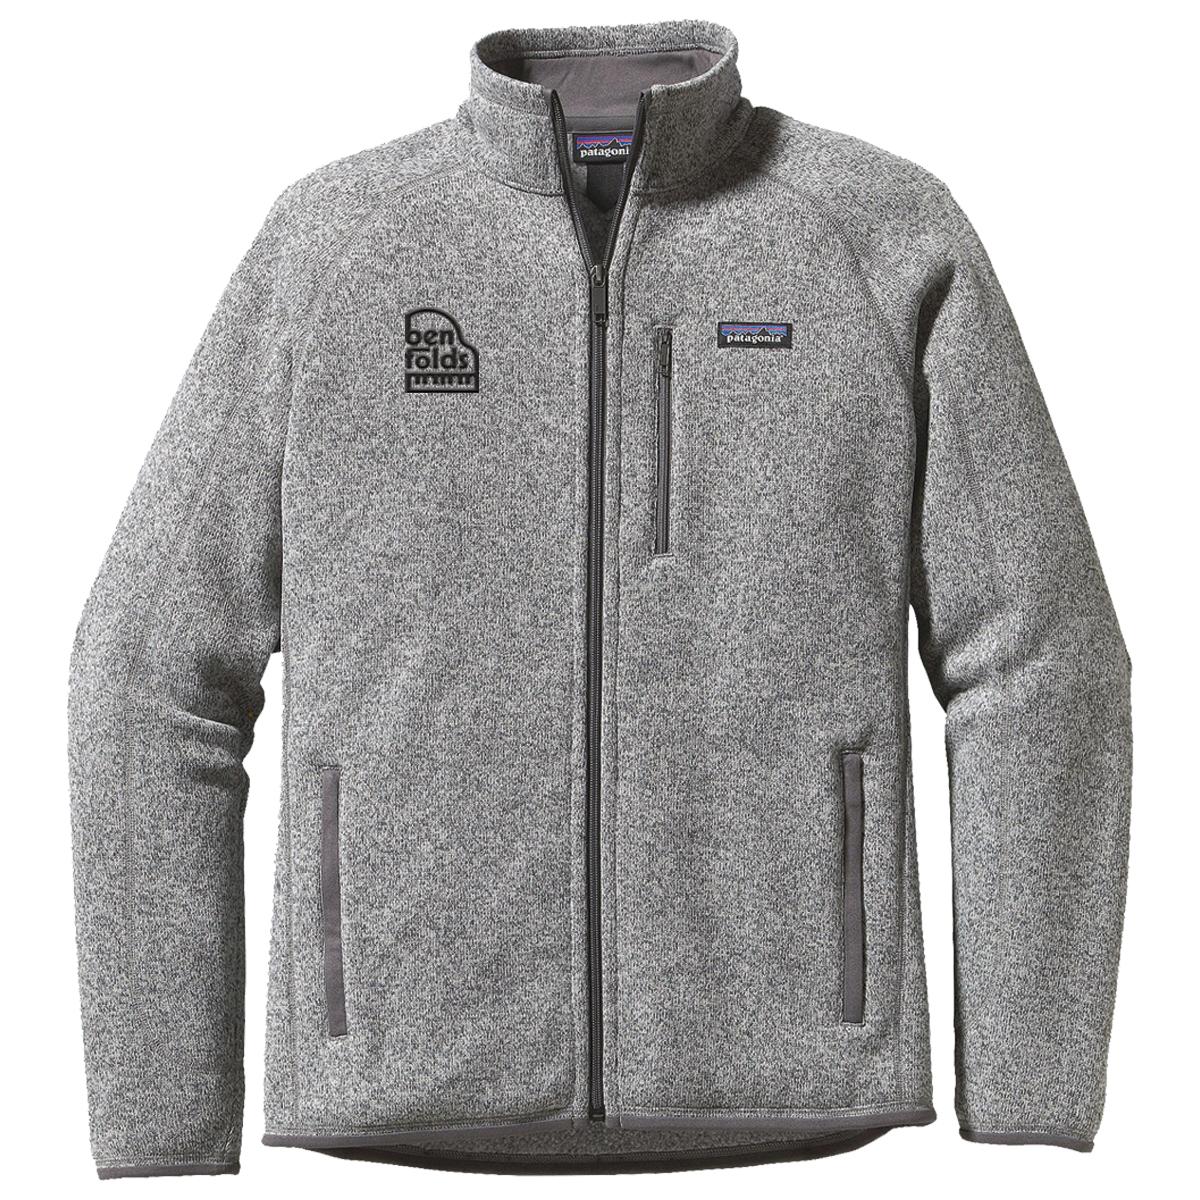 Ben Folds Patagonia Better Sweater® Jacket